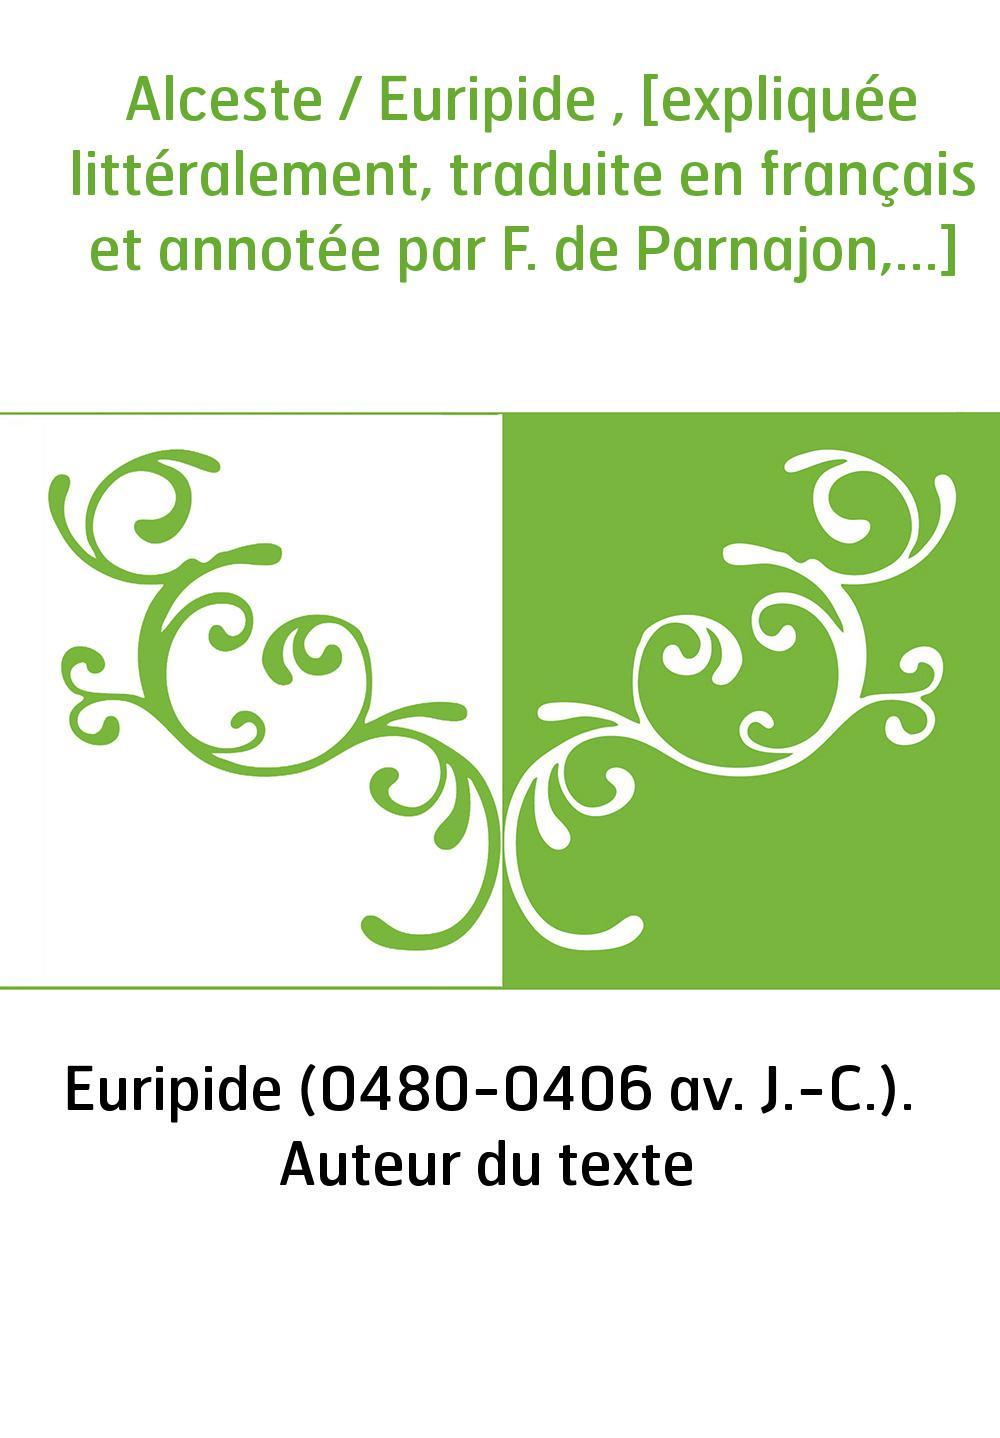 Alceste / Euripide , [expliquée littéralement, traduite en français et annotée par F. de Parnajon,...]